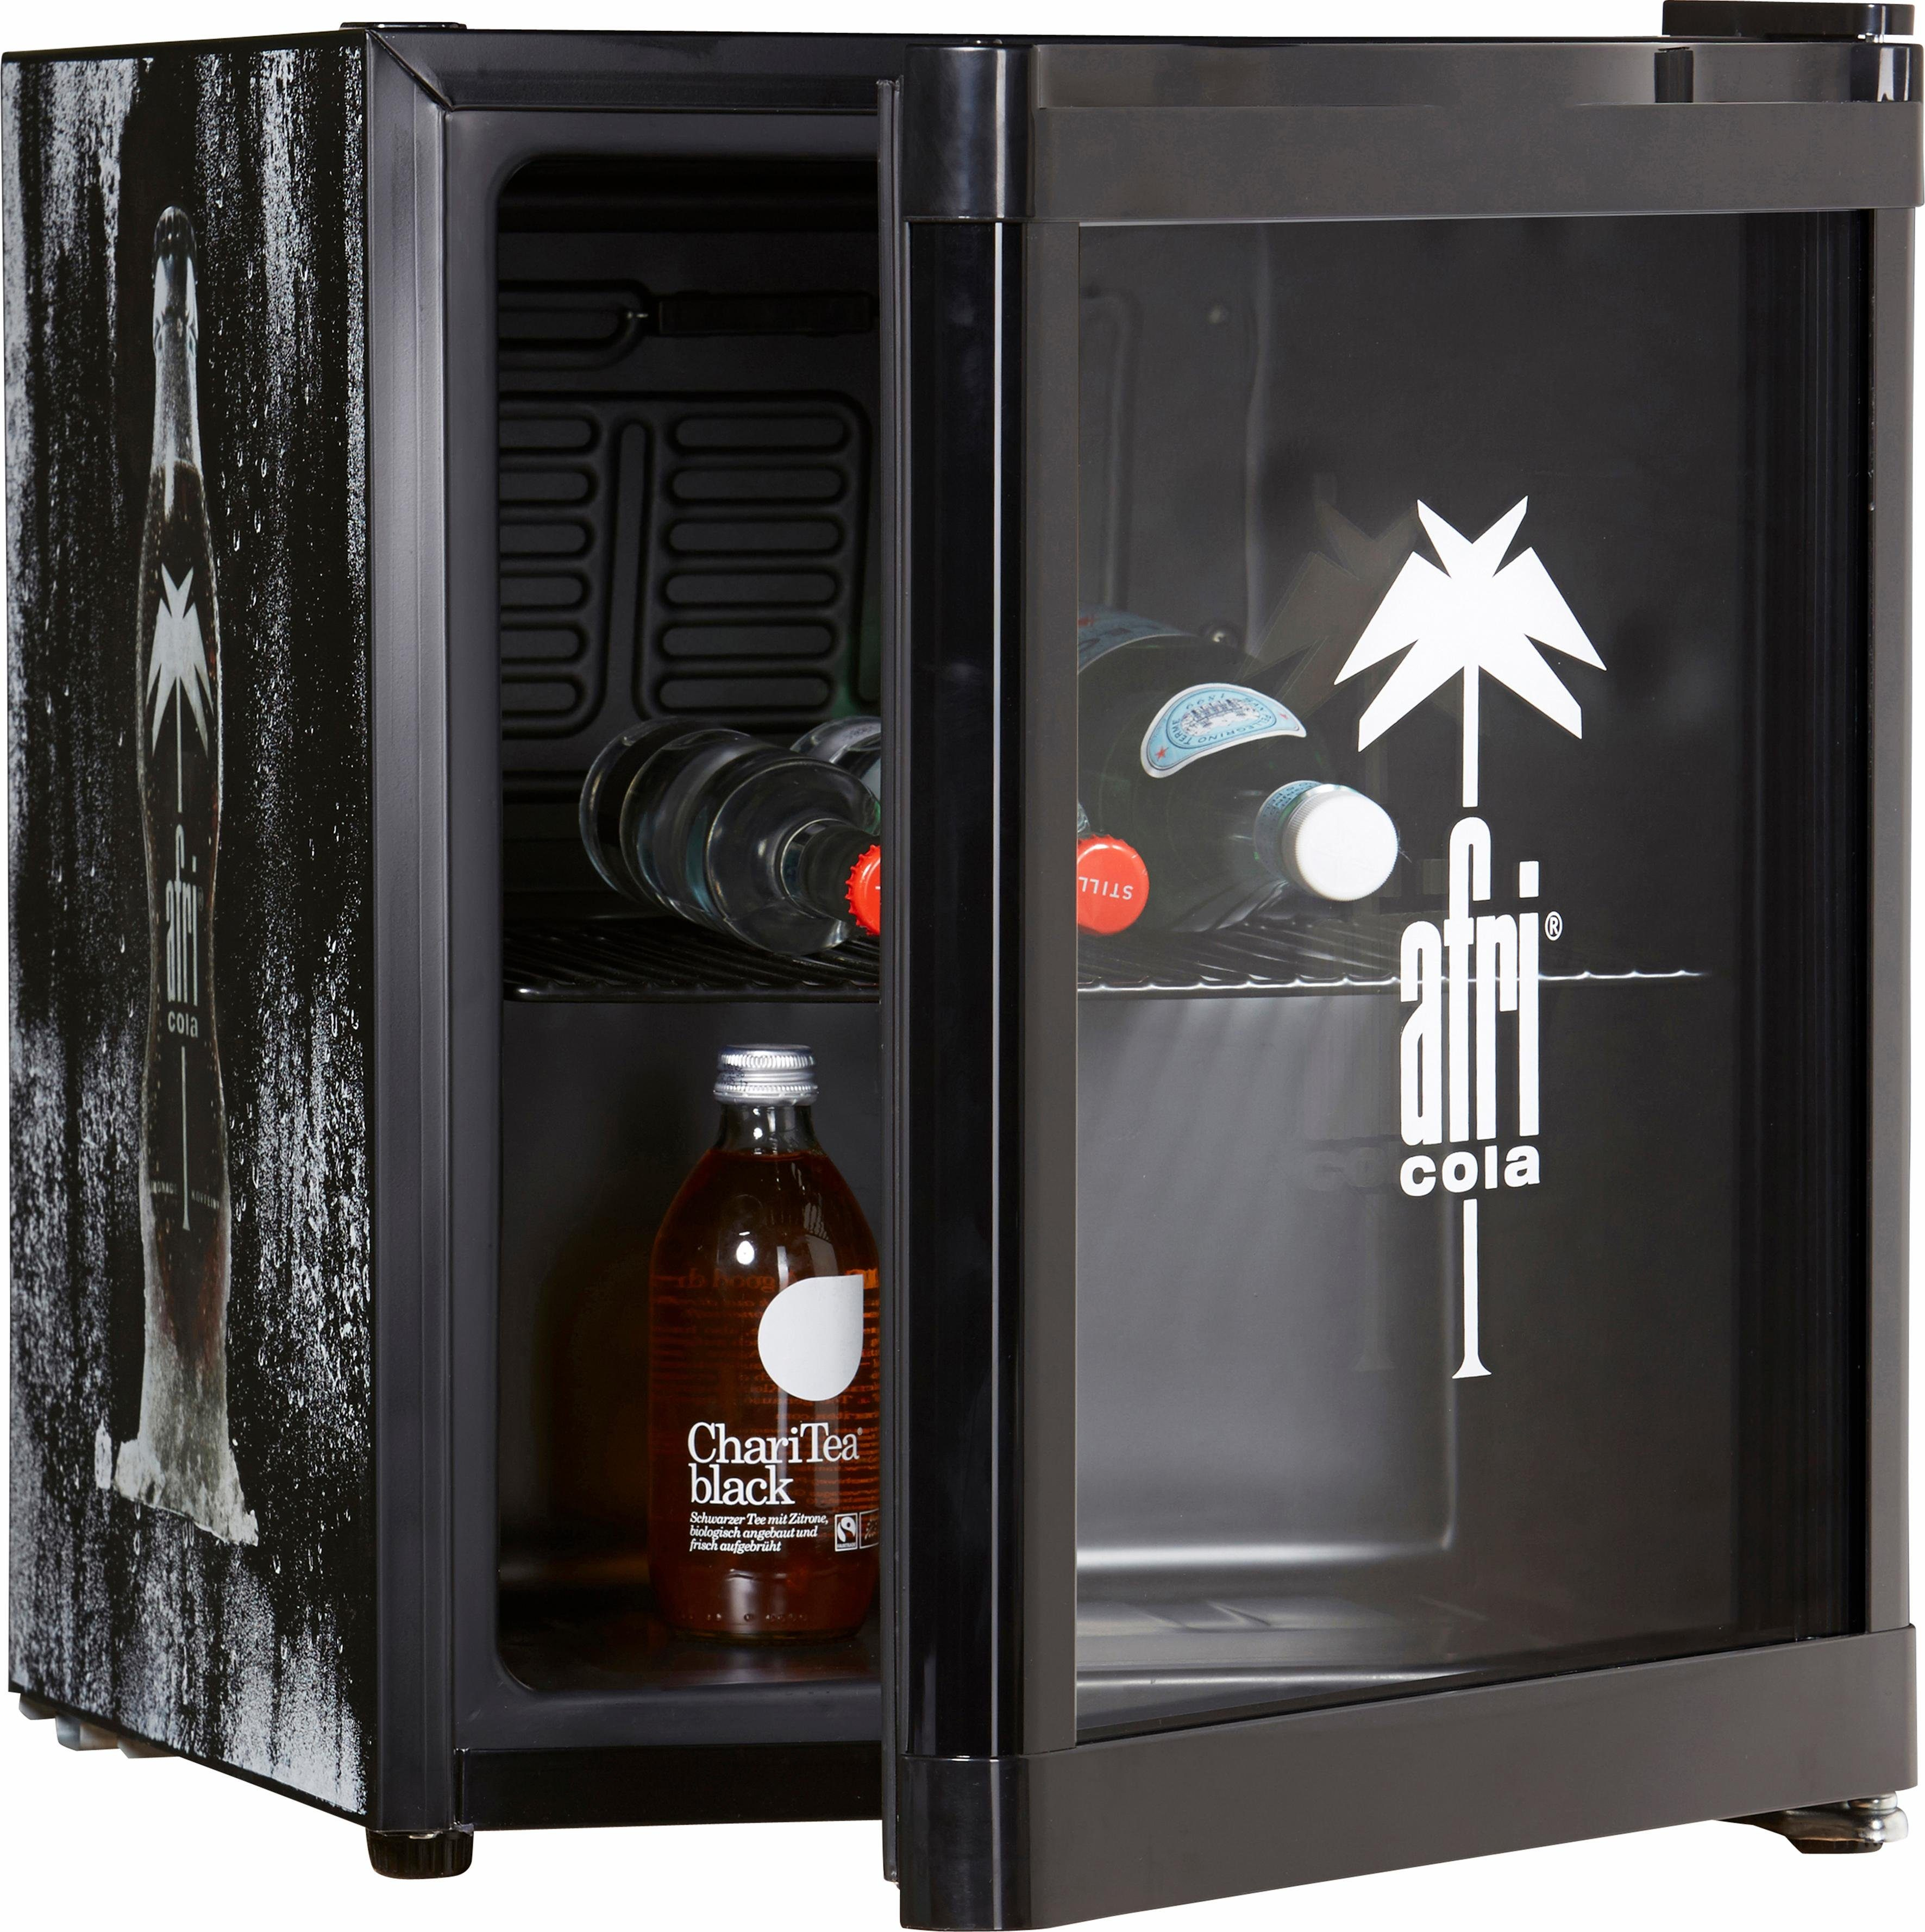 CUBES Kühlschrank CoolCube Afri-Cola, A+,51 cm hoch